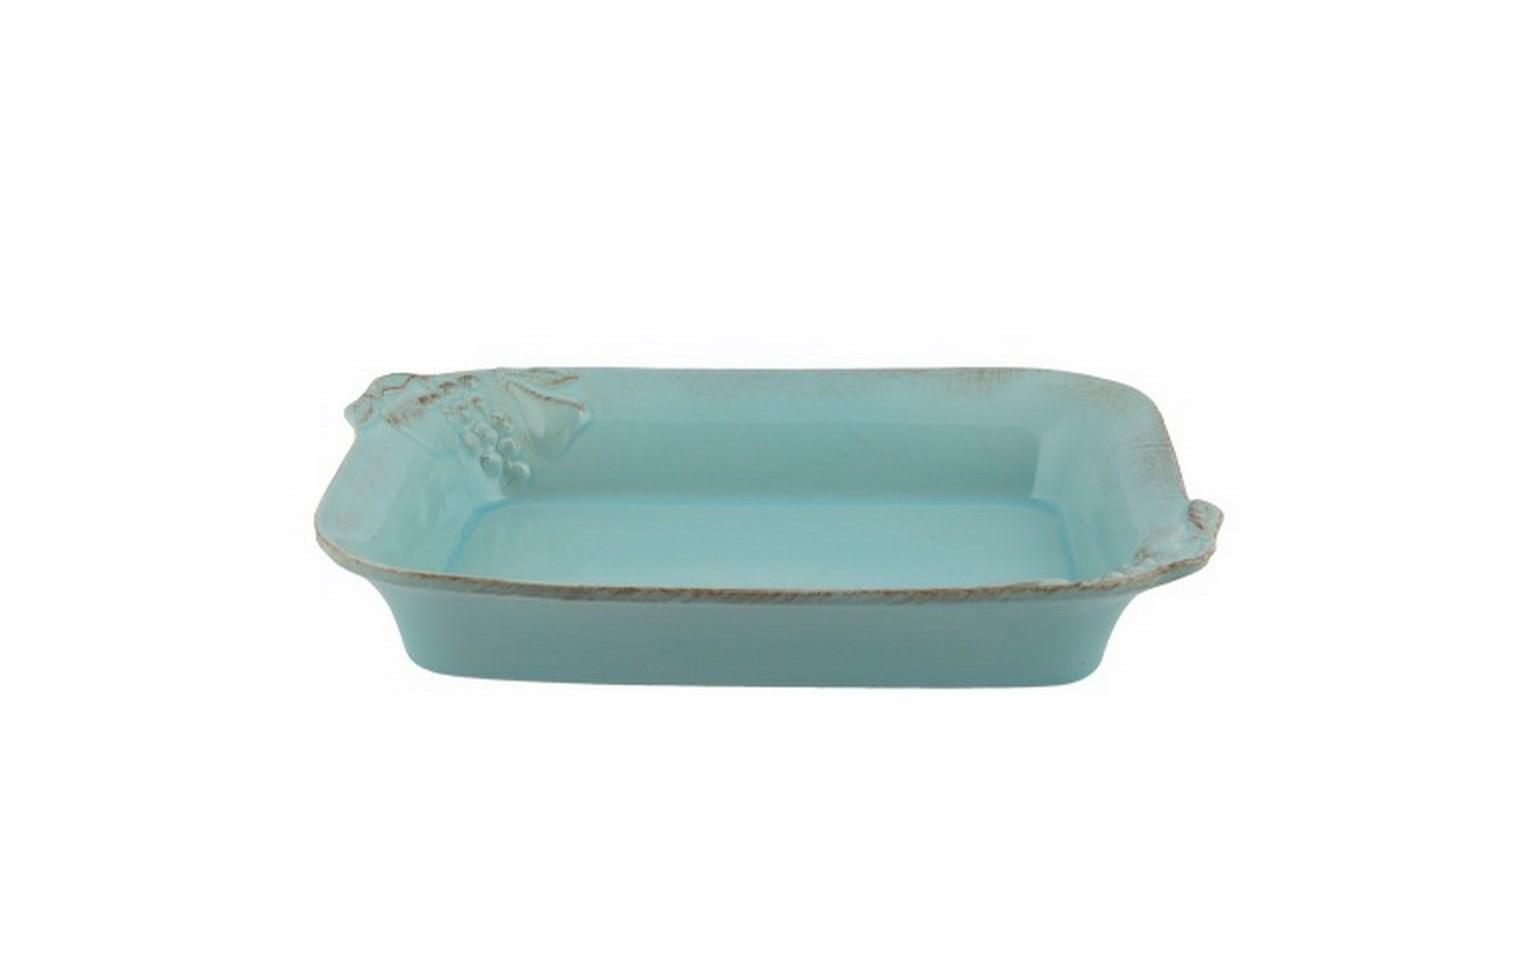 Блюдо для запекания прямоугольноеДекоративные блюда<br>Costa Nova (Португалия) – керамическая посуда из самого сердца Португалии. Керамическая посуда Costa Nova абсолютно устойчива к мытью, даже в посудомоечной машине, ее вполне можно использовать для замораживания продуктов и в микроволновой печи, при этом можно не бояться повредить эту великолепную глазурь и свежие краски. Такую посуду легко мыть, при ее очистке можно использовать металлические губки – и все это благодаря прочному глазурованному покрытию. Все серии посуды от Costa Nova отвечают международным стандартам качества. Керамическая посуда от Costa Nova не содержит такие вещества, как свинец и кадмий.<br><br>Material: Керамика<br>Width см: 38